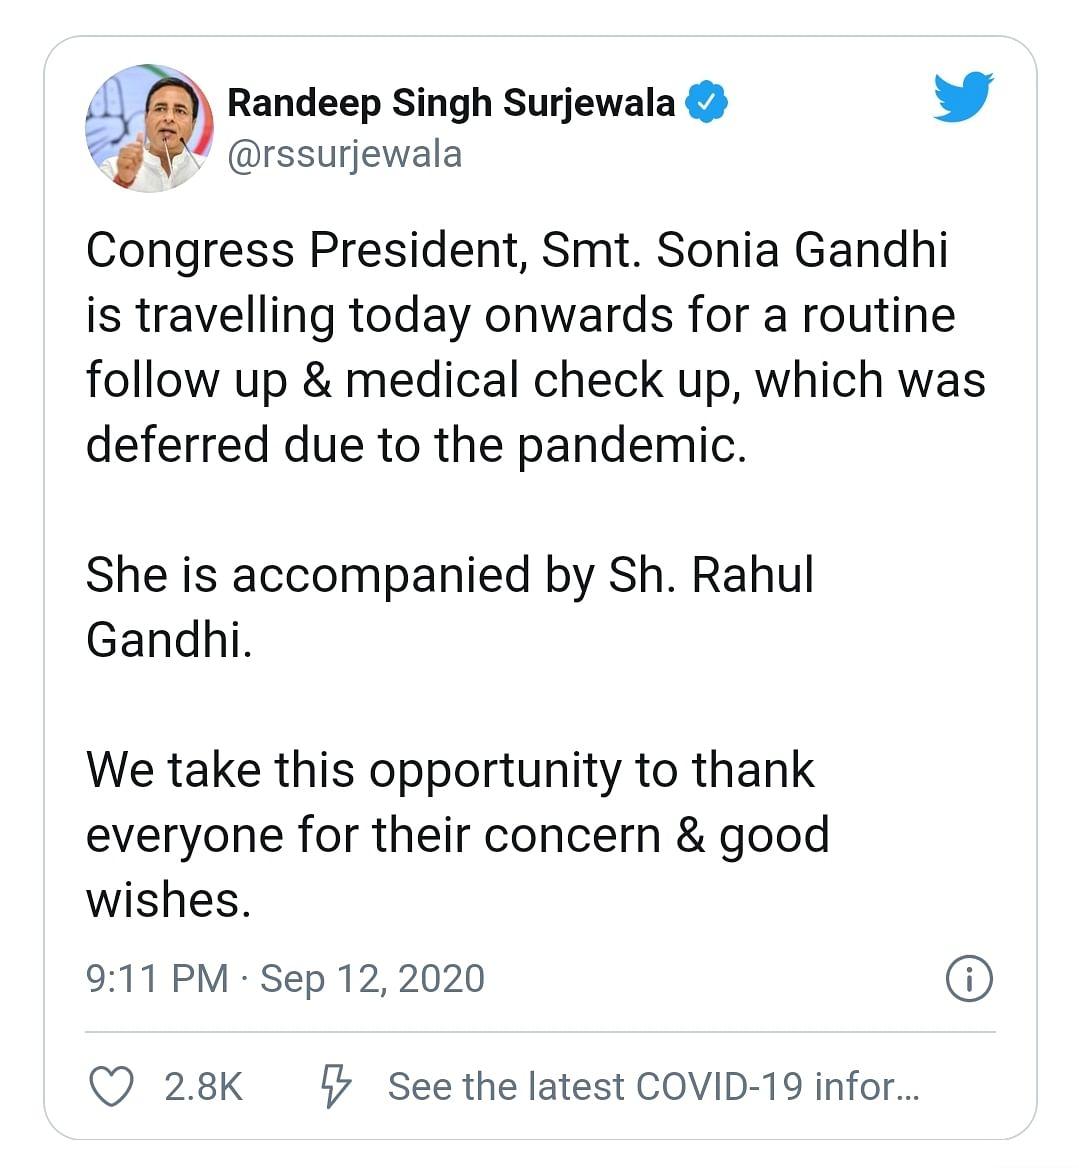 रूटीन चेकअप के लिए सोनिया राहुल संग विदेश रवाना, दो हफ्ते बाद आएंगी वापस